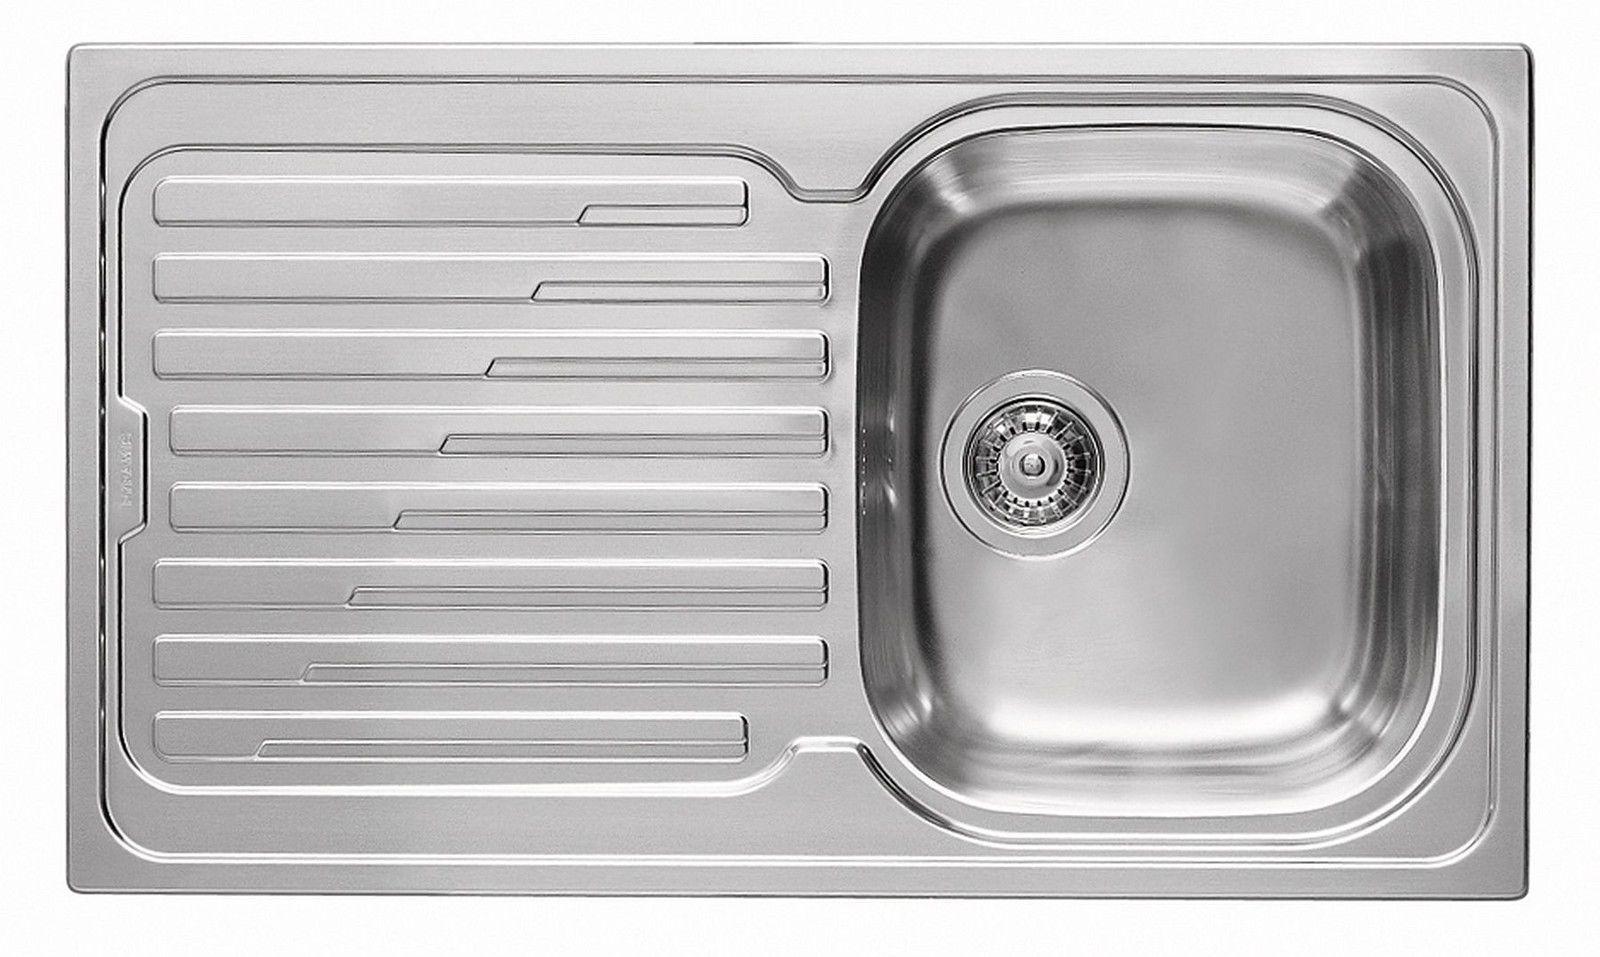 Küchen Einbauspüle 86x50cm Waschbecken Edelstahl